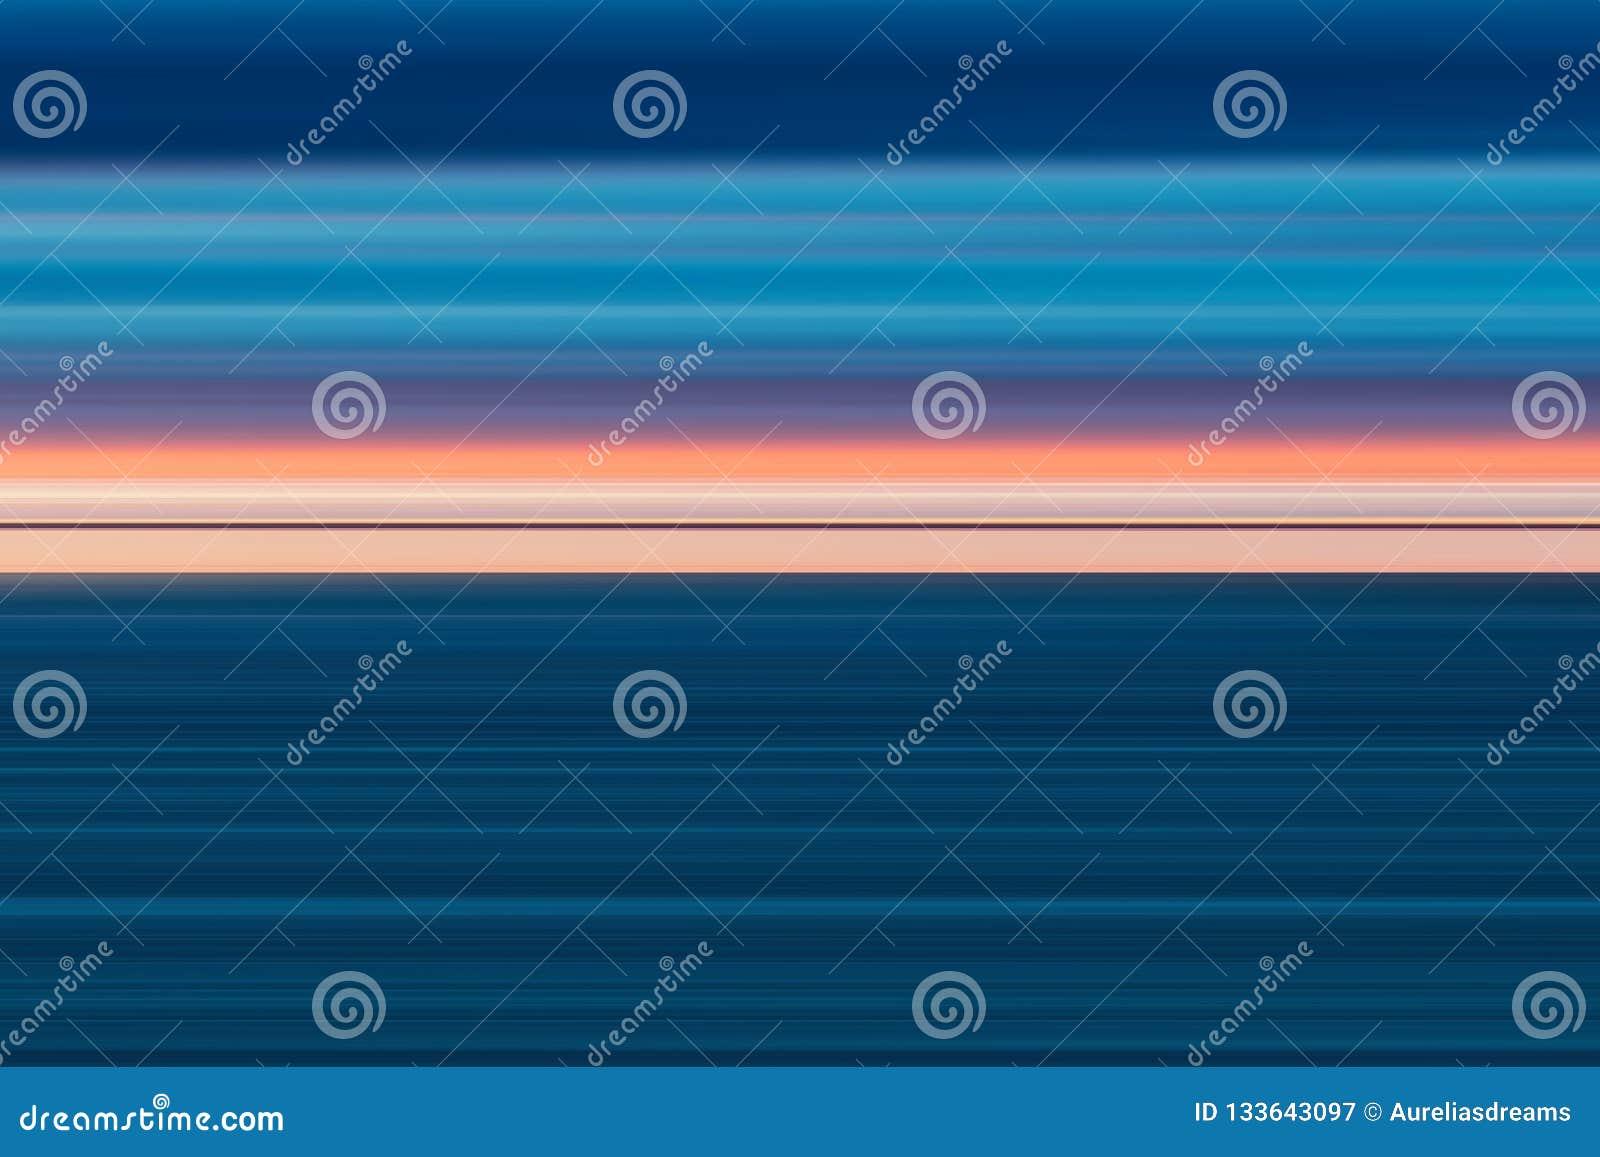 Färgrika abstrakta ljusa linjer bakgrund, horisontalrandig textur i rosa och blåa signaler